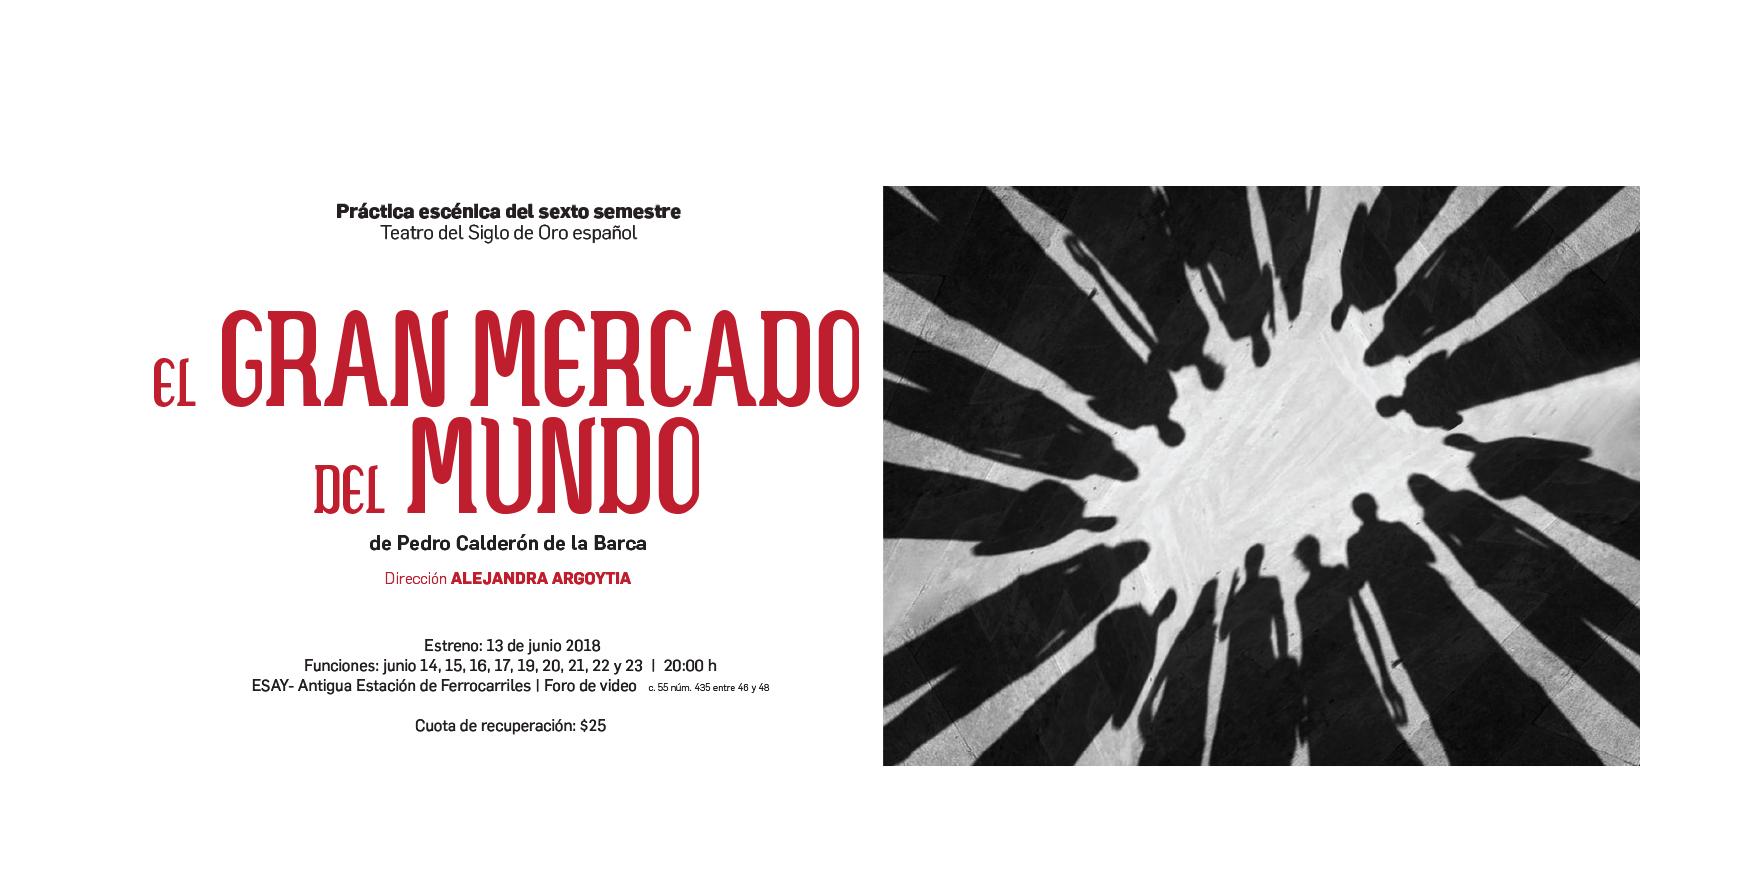 GRAN_MERCADO